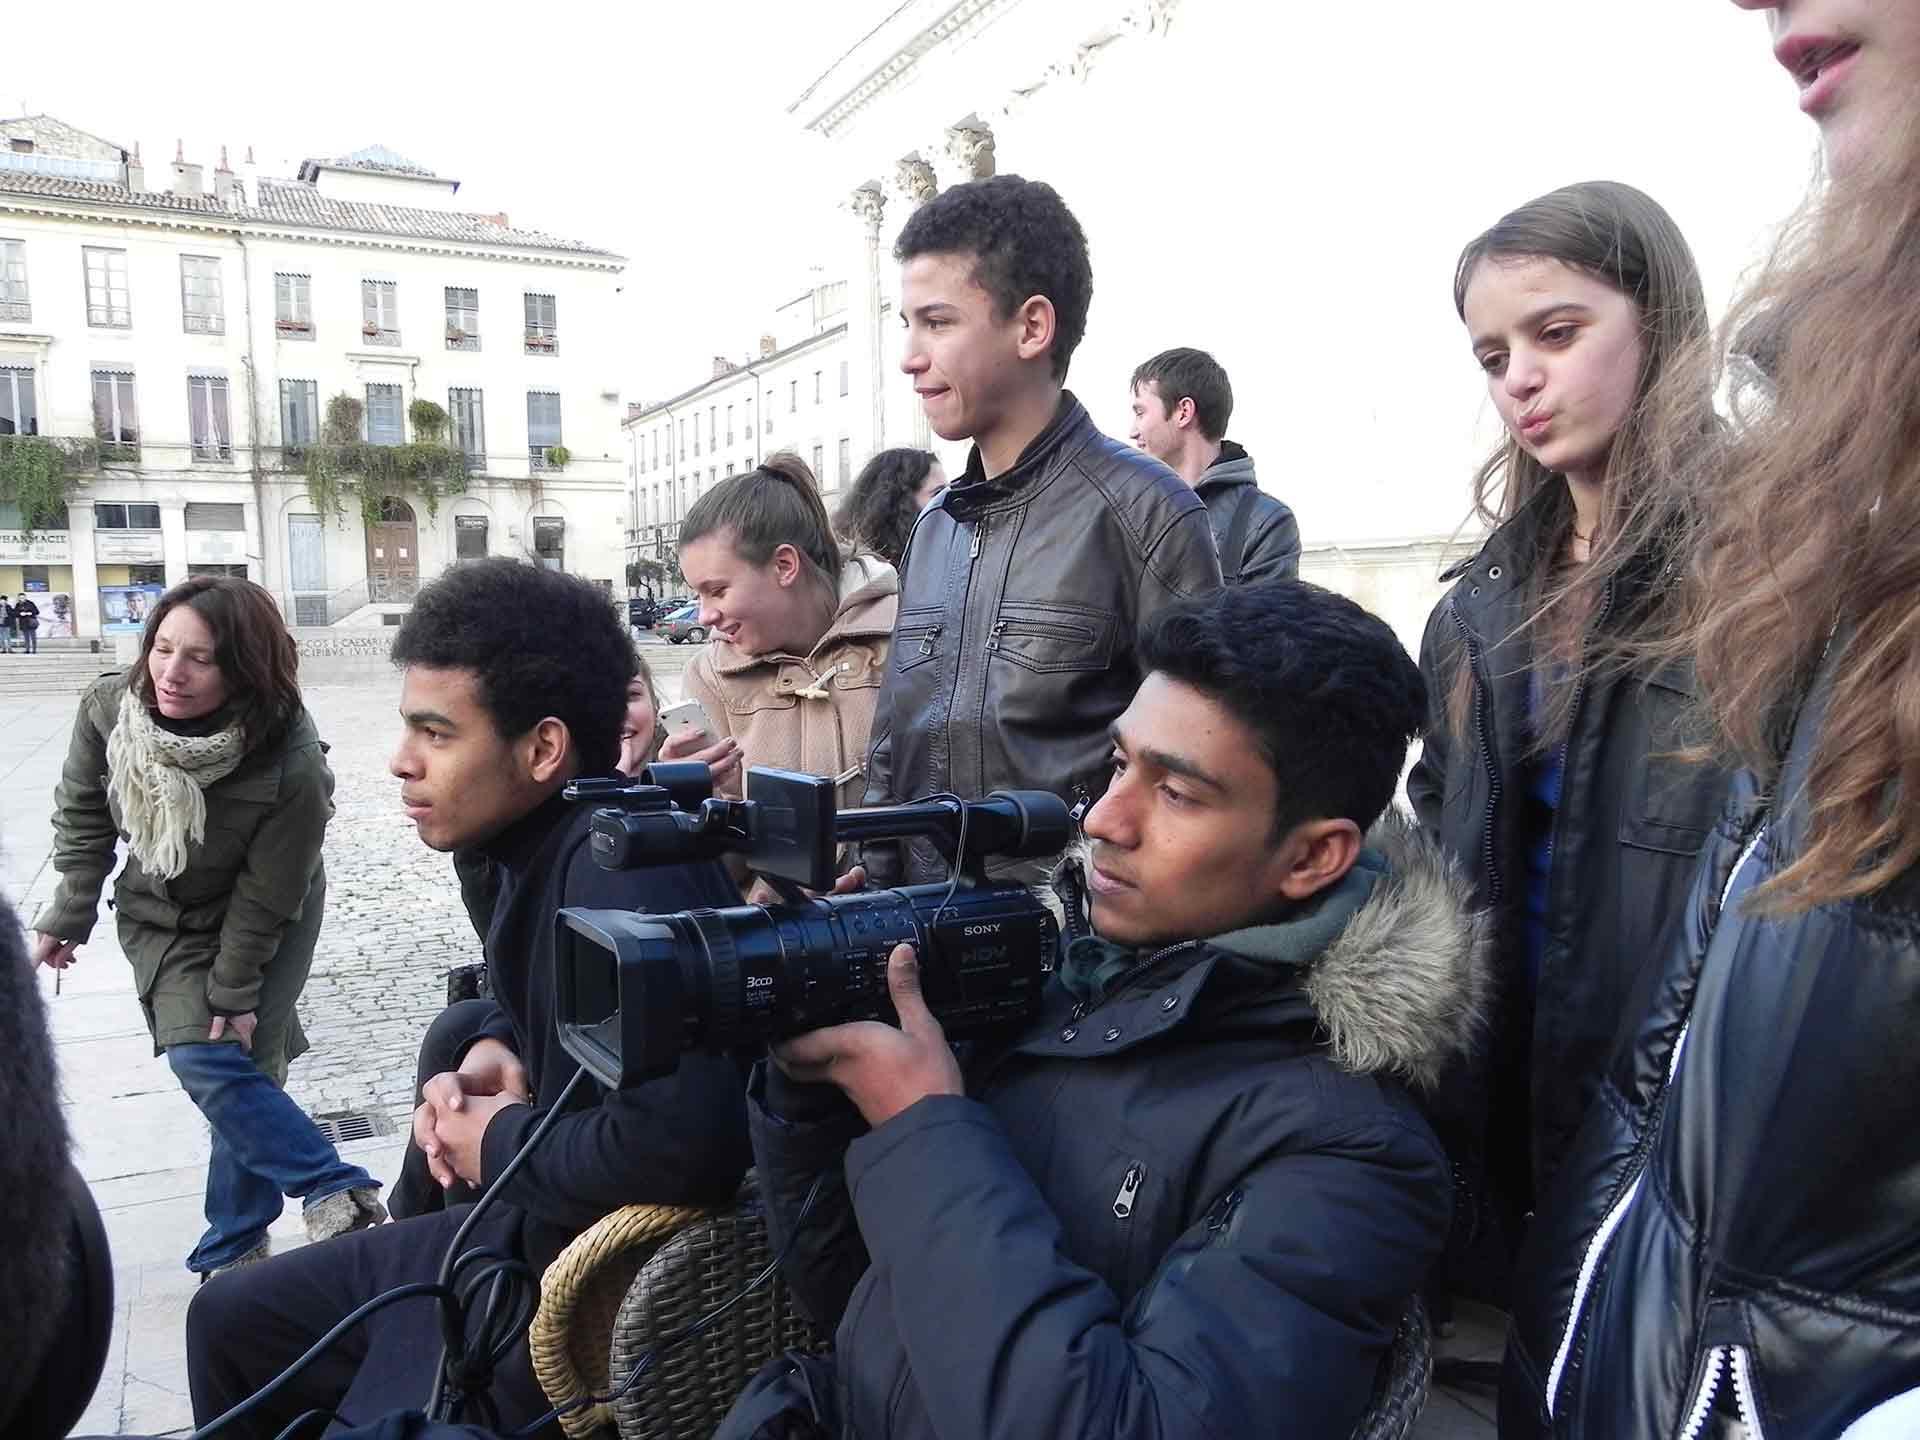 Camera Shoot à Nîmes